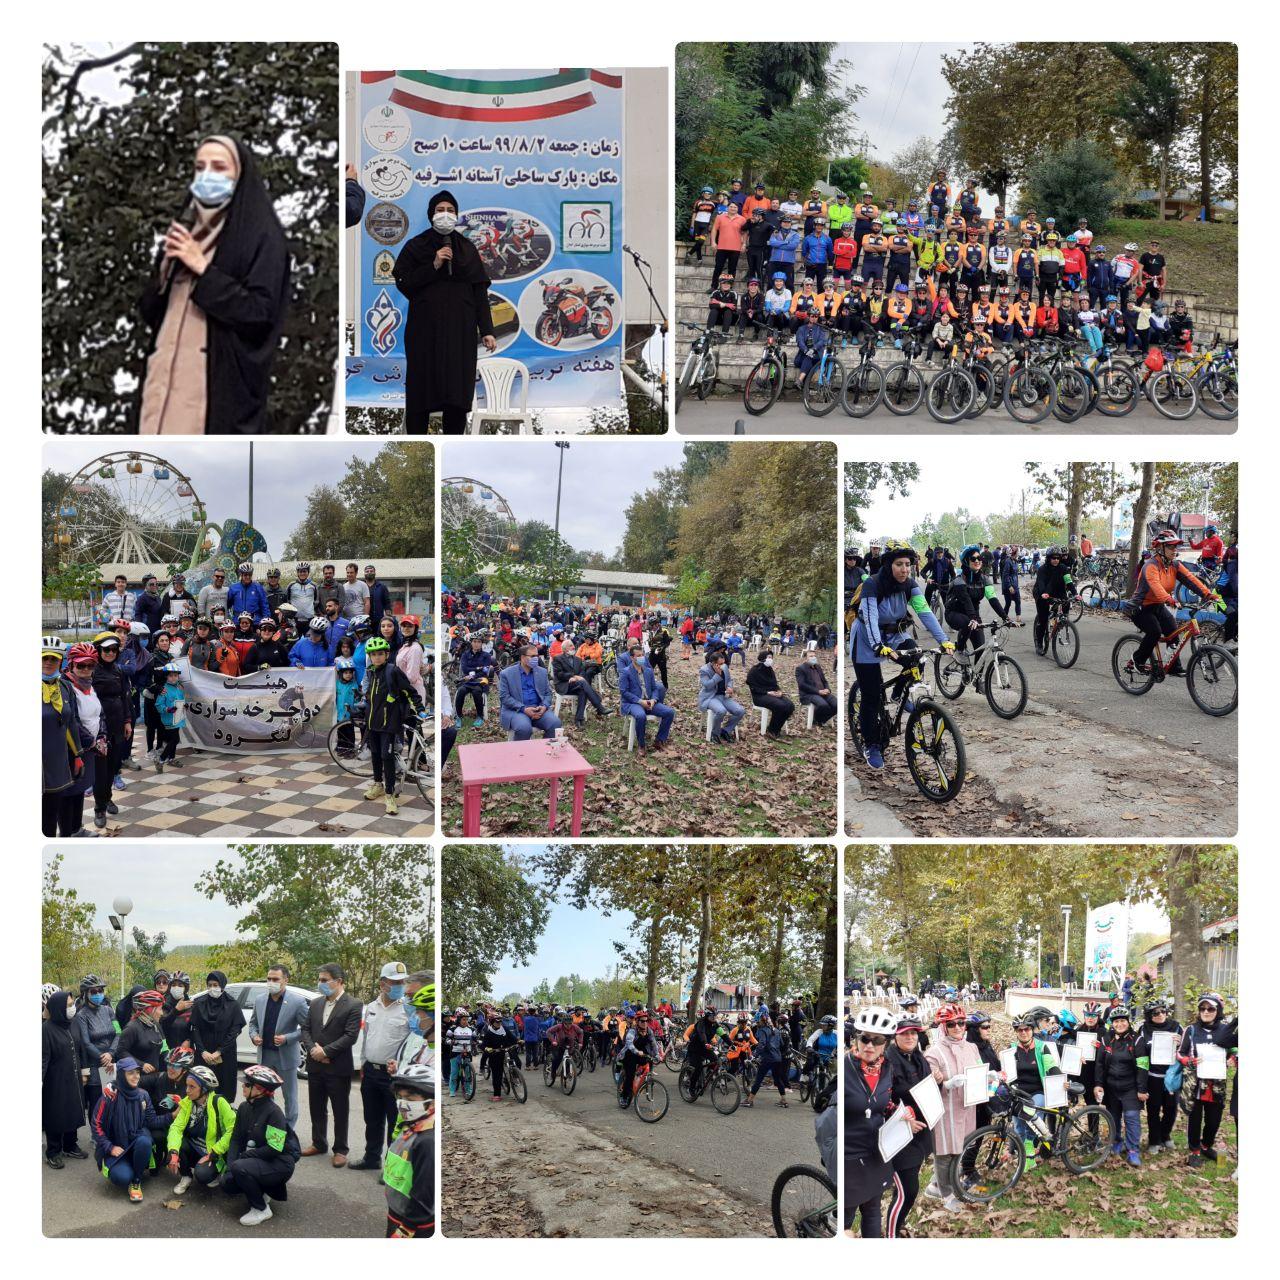 برگزاری همایش بزرگ دوچرخه ،موتور،ماشین شهرستان آستانه اشرفیه به مناسبت هفته تربیت بدنی و نیروی انتظامی